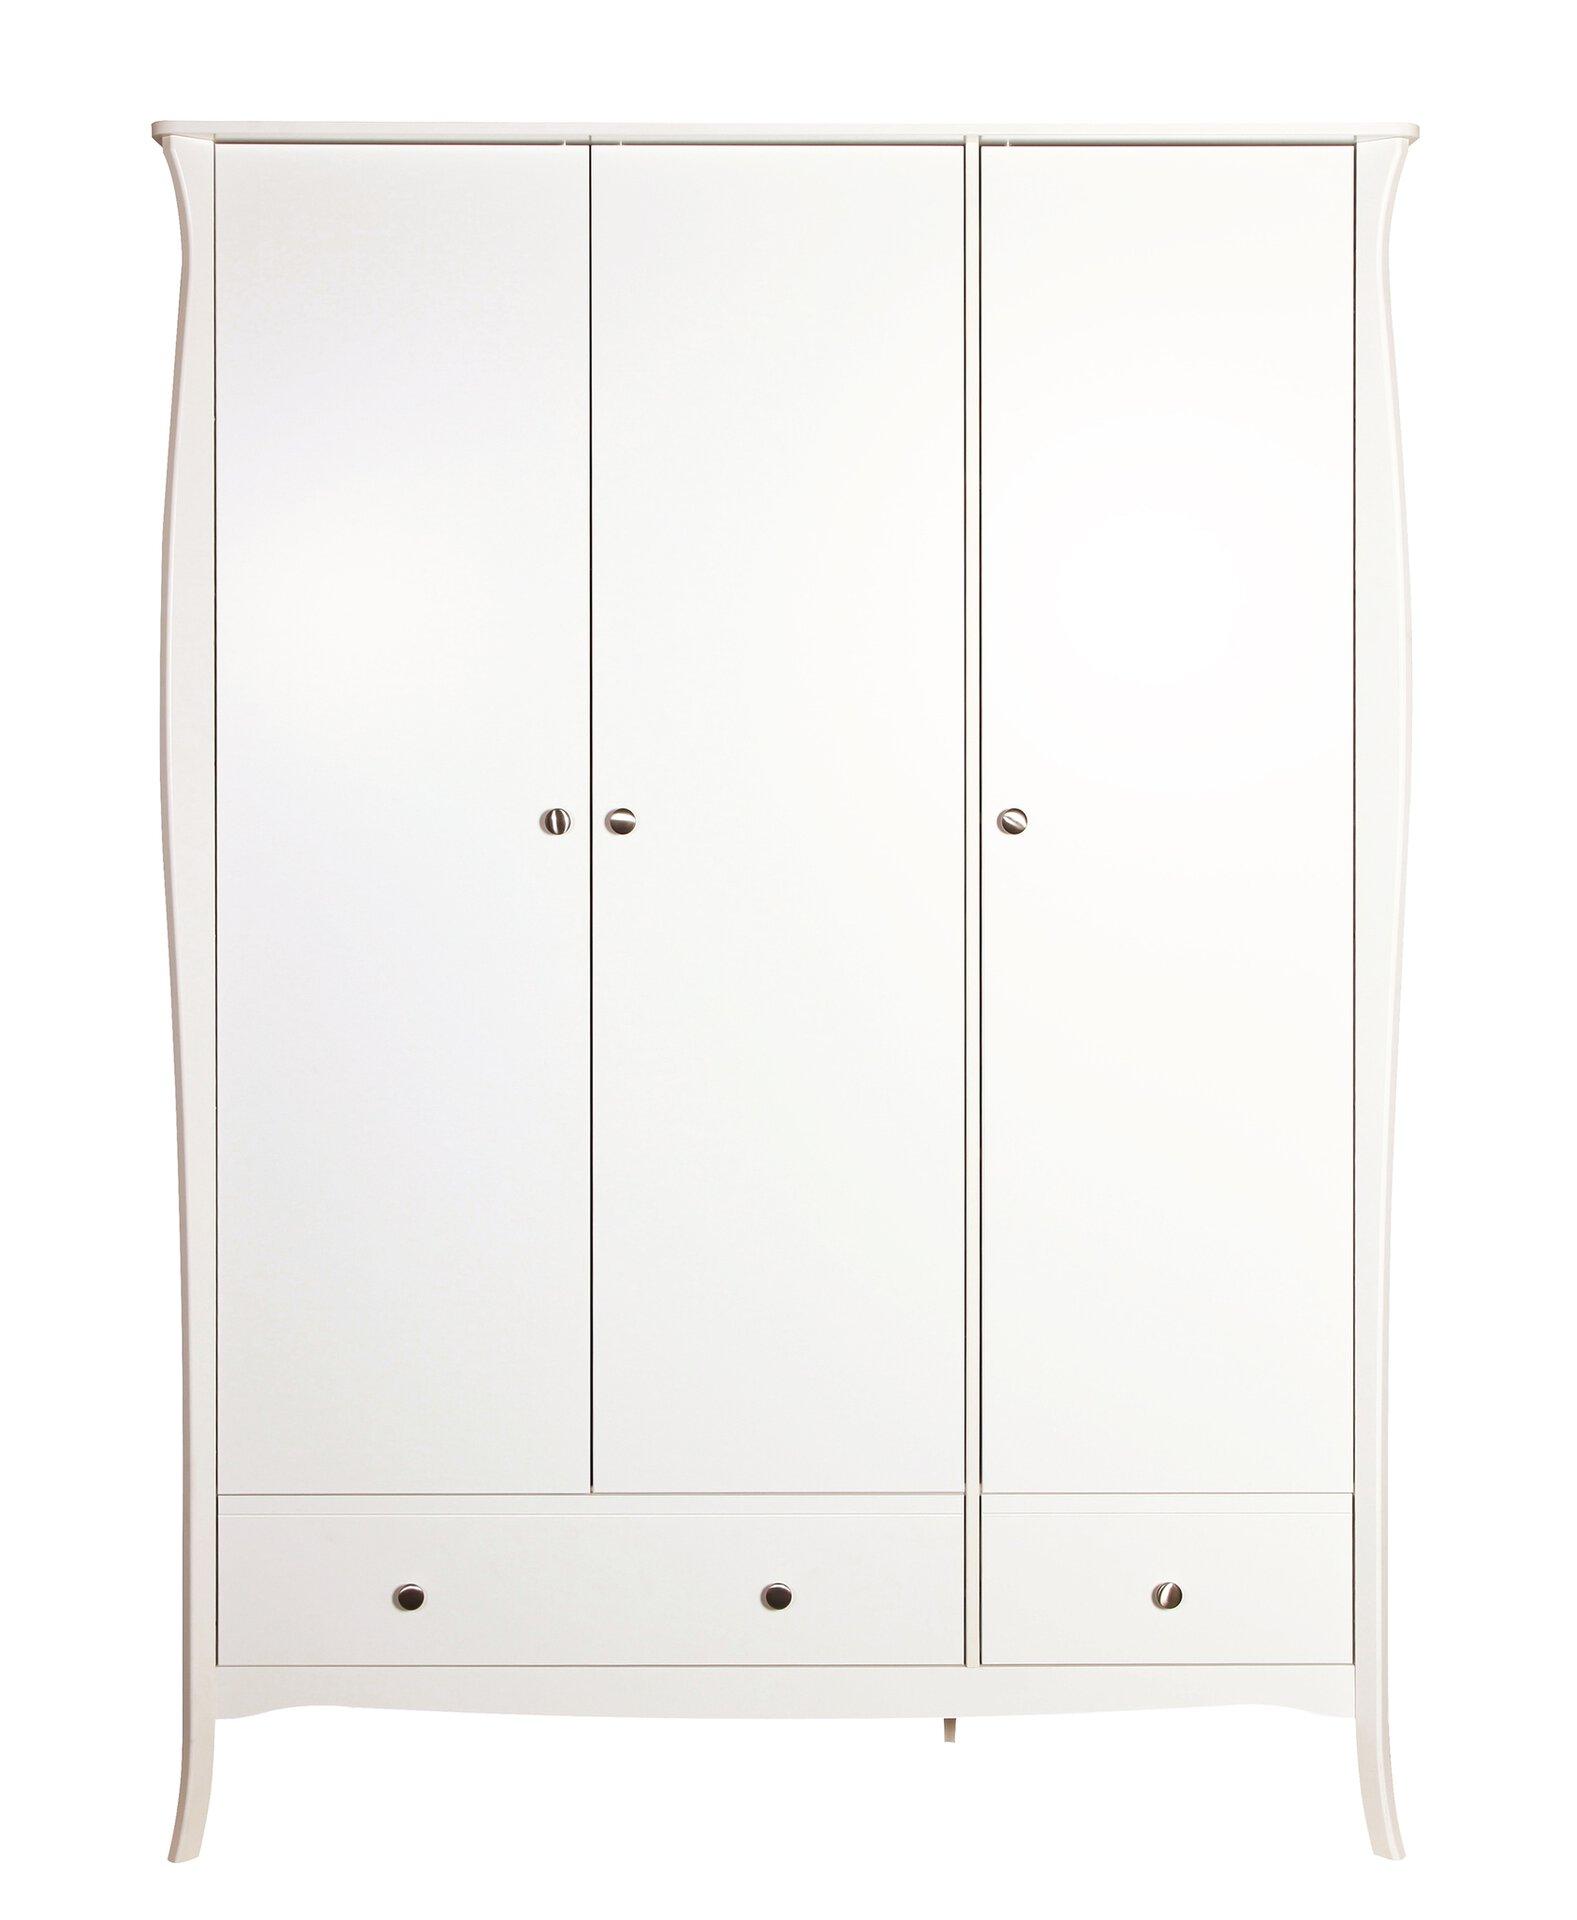 Kleiderschrank BAROQUE Dreamoro Holzwerkstoff weiß 1 x 2 x 1 cm